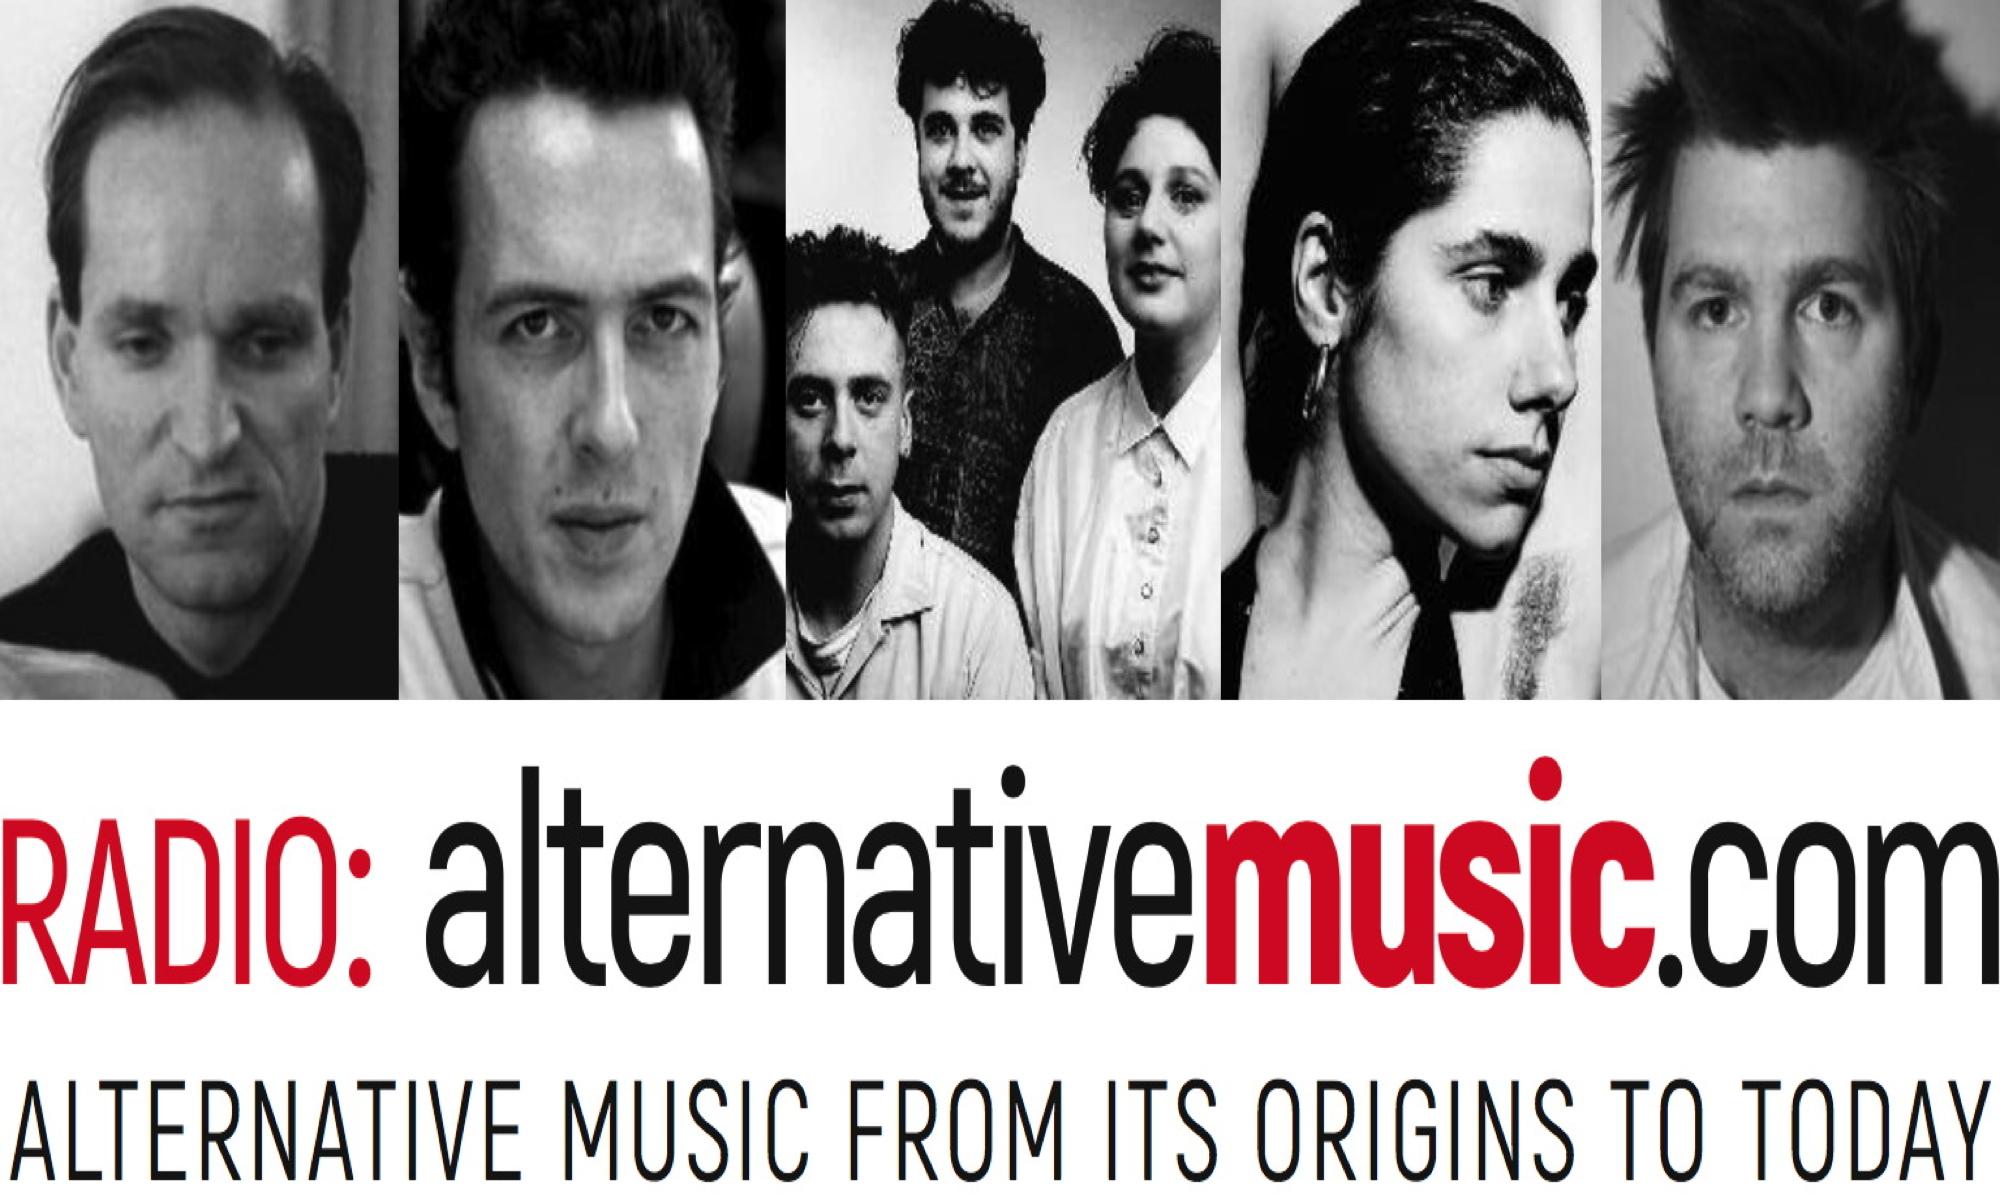 AlternativeMusic.com